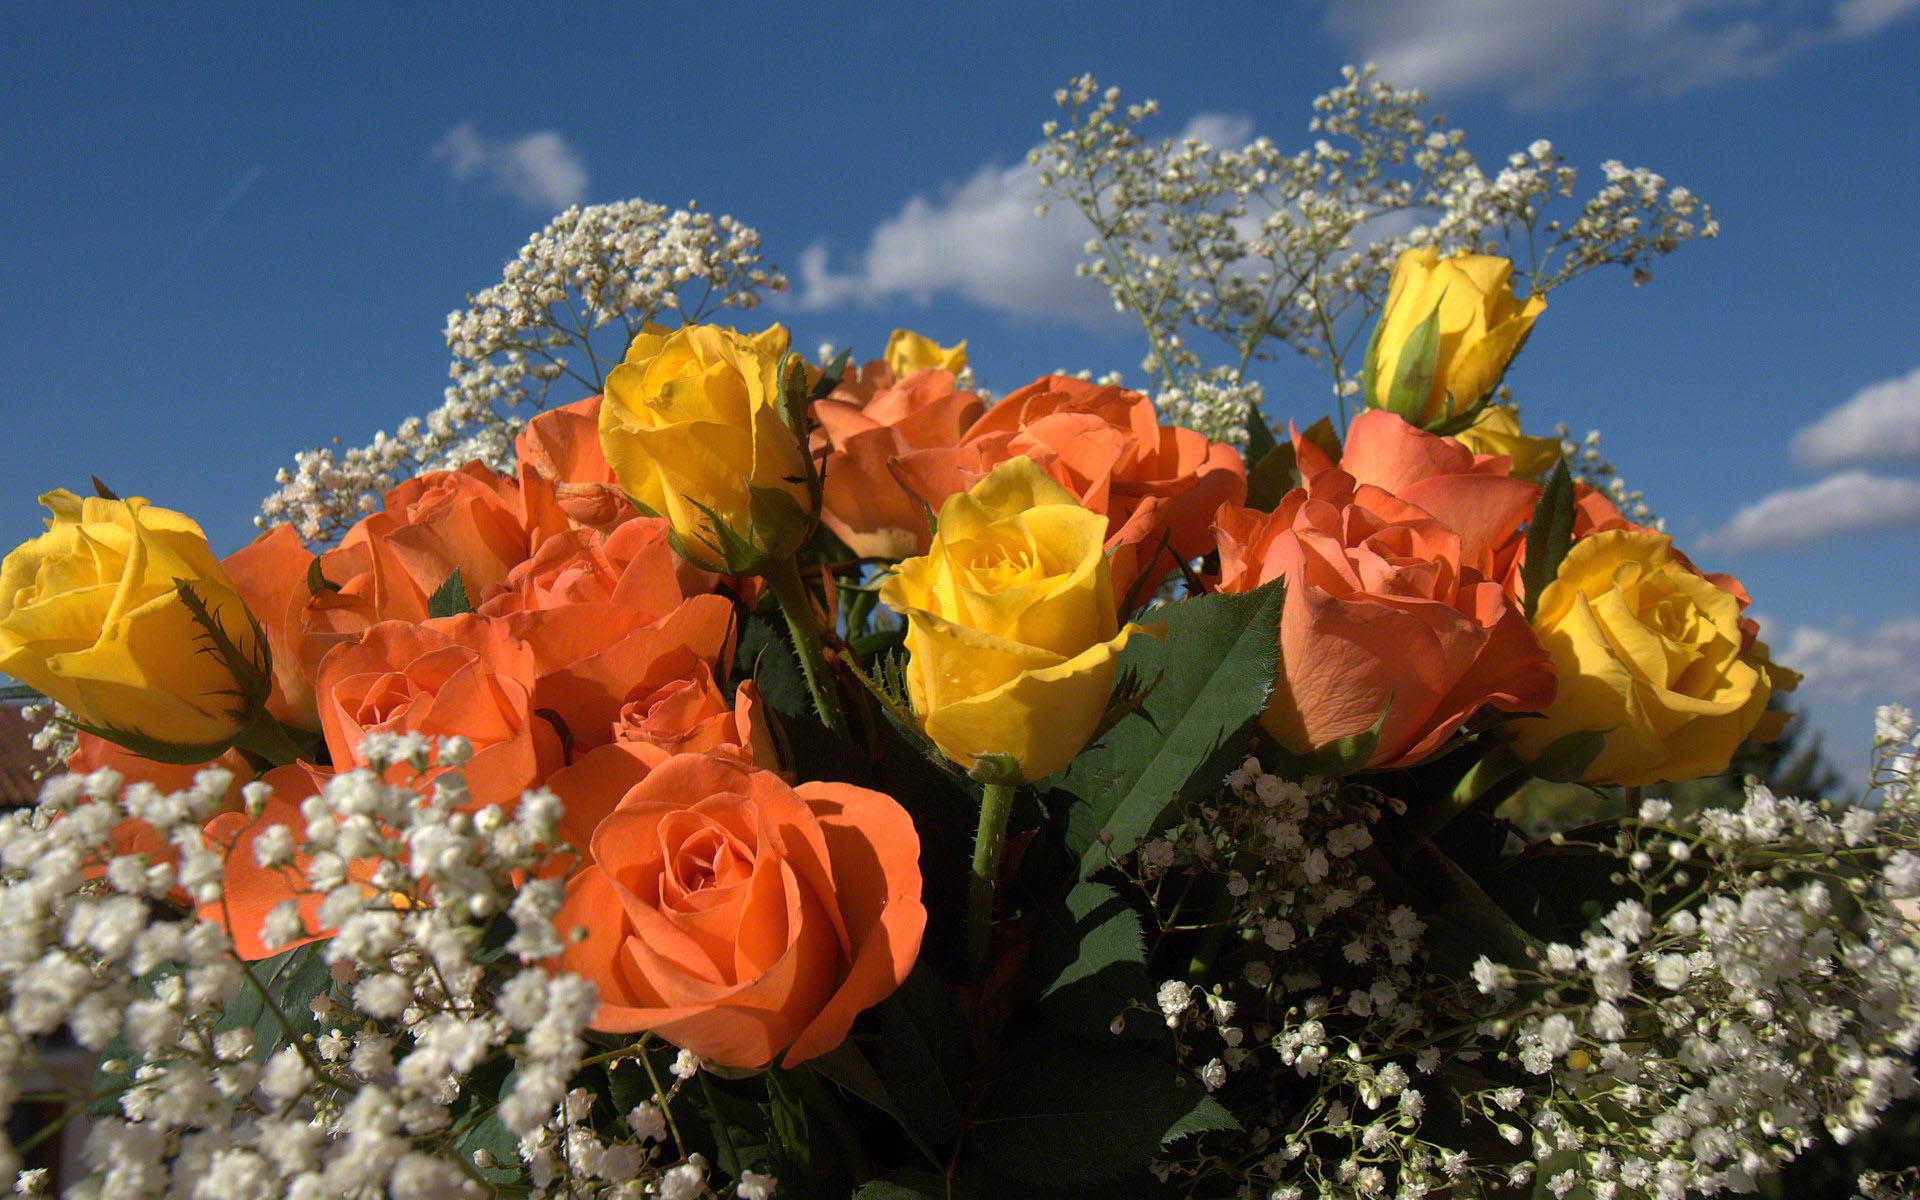 Résultat d'images pour Jolis bouquets de mimosa et roses